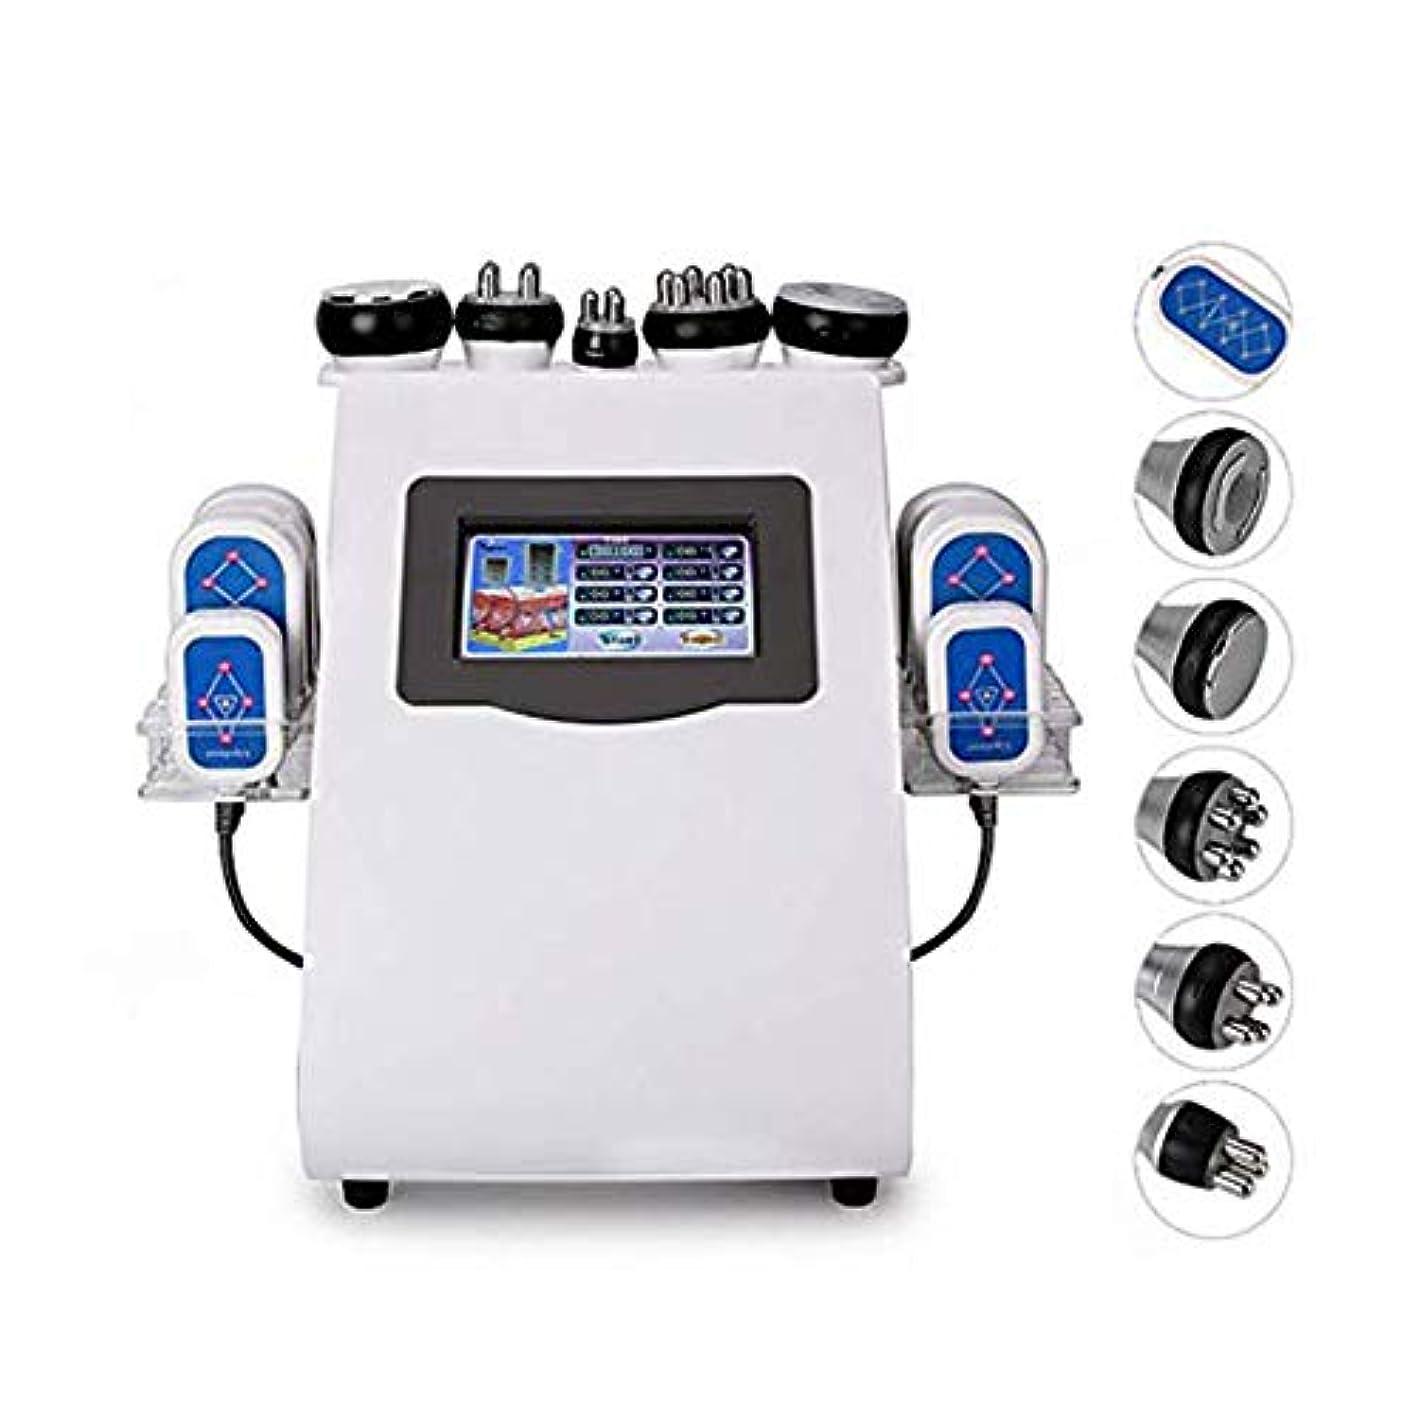 定期的にモロニック熟考する超音波キャビテーション抗セルライトネガティブボディ痩身マシン、脂肪燃焼と無線周波数アンチエイジングスキンリフティング引き締めしわ美容機器の除去